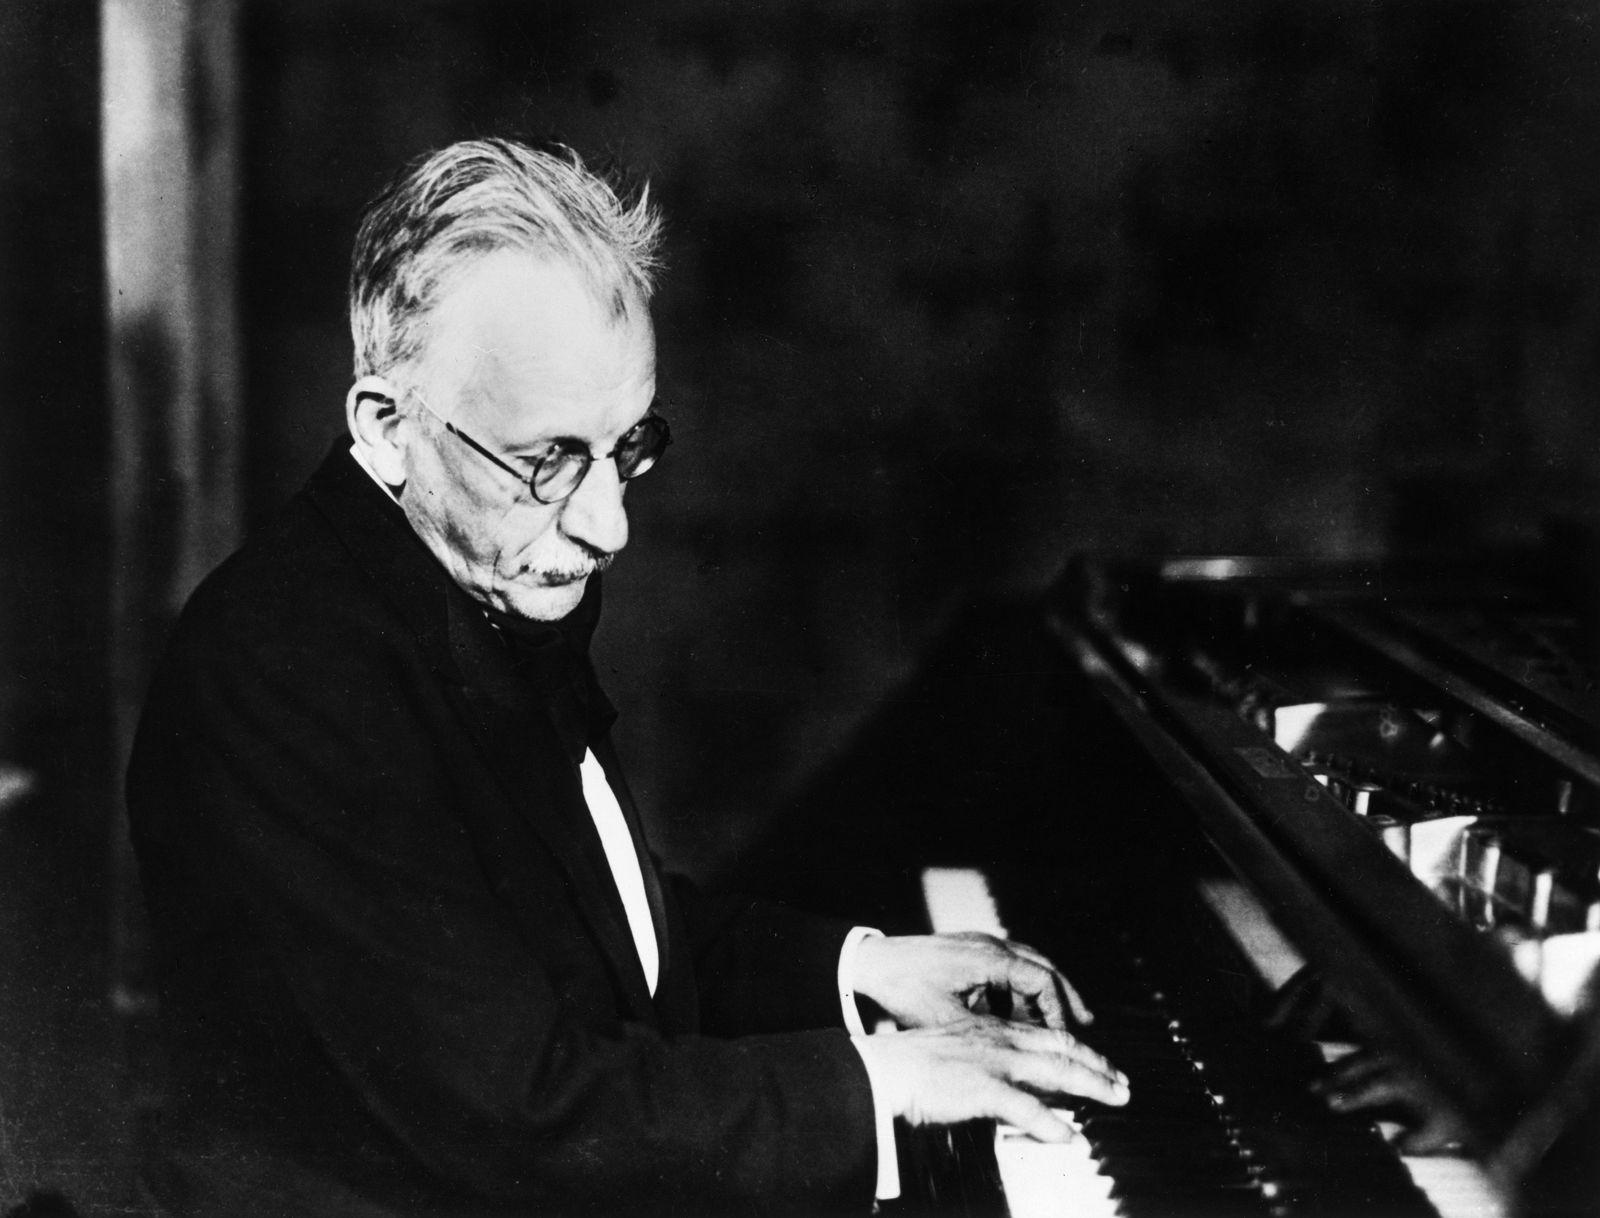 Hans Swarowsky - Hans Pfitzner (1869 - 1949)